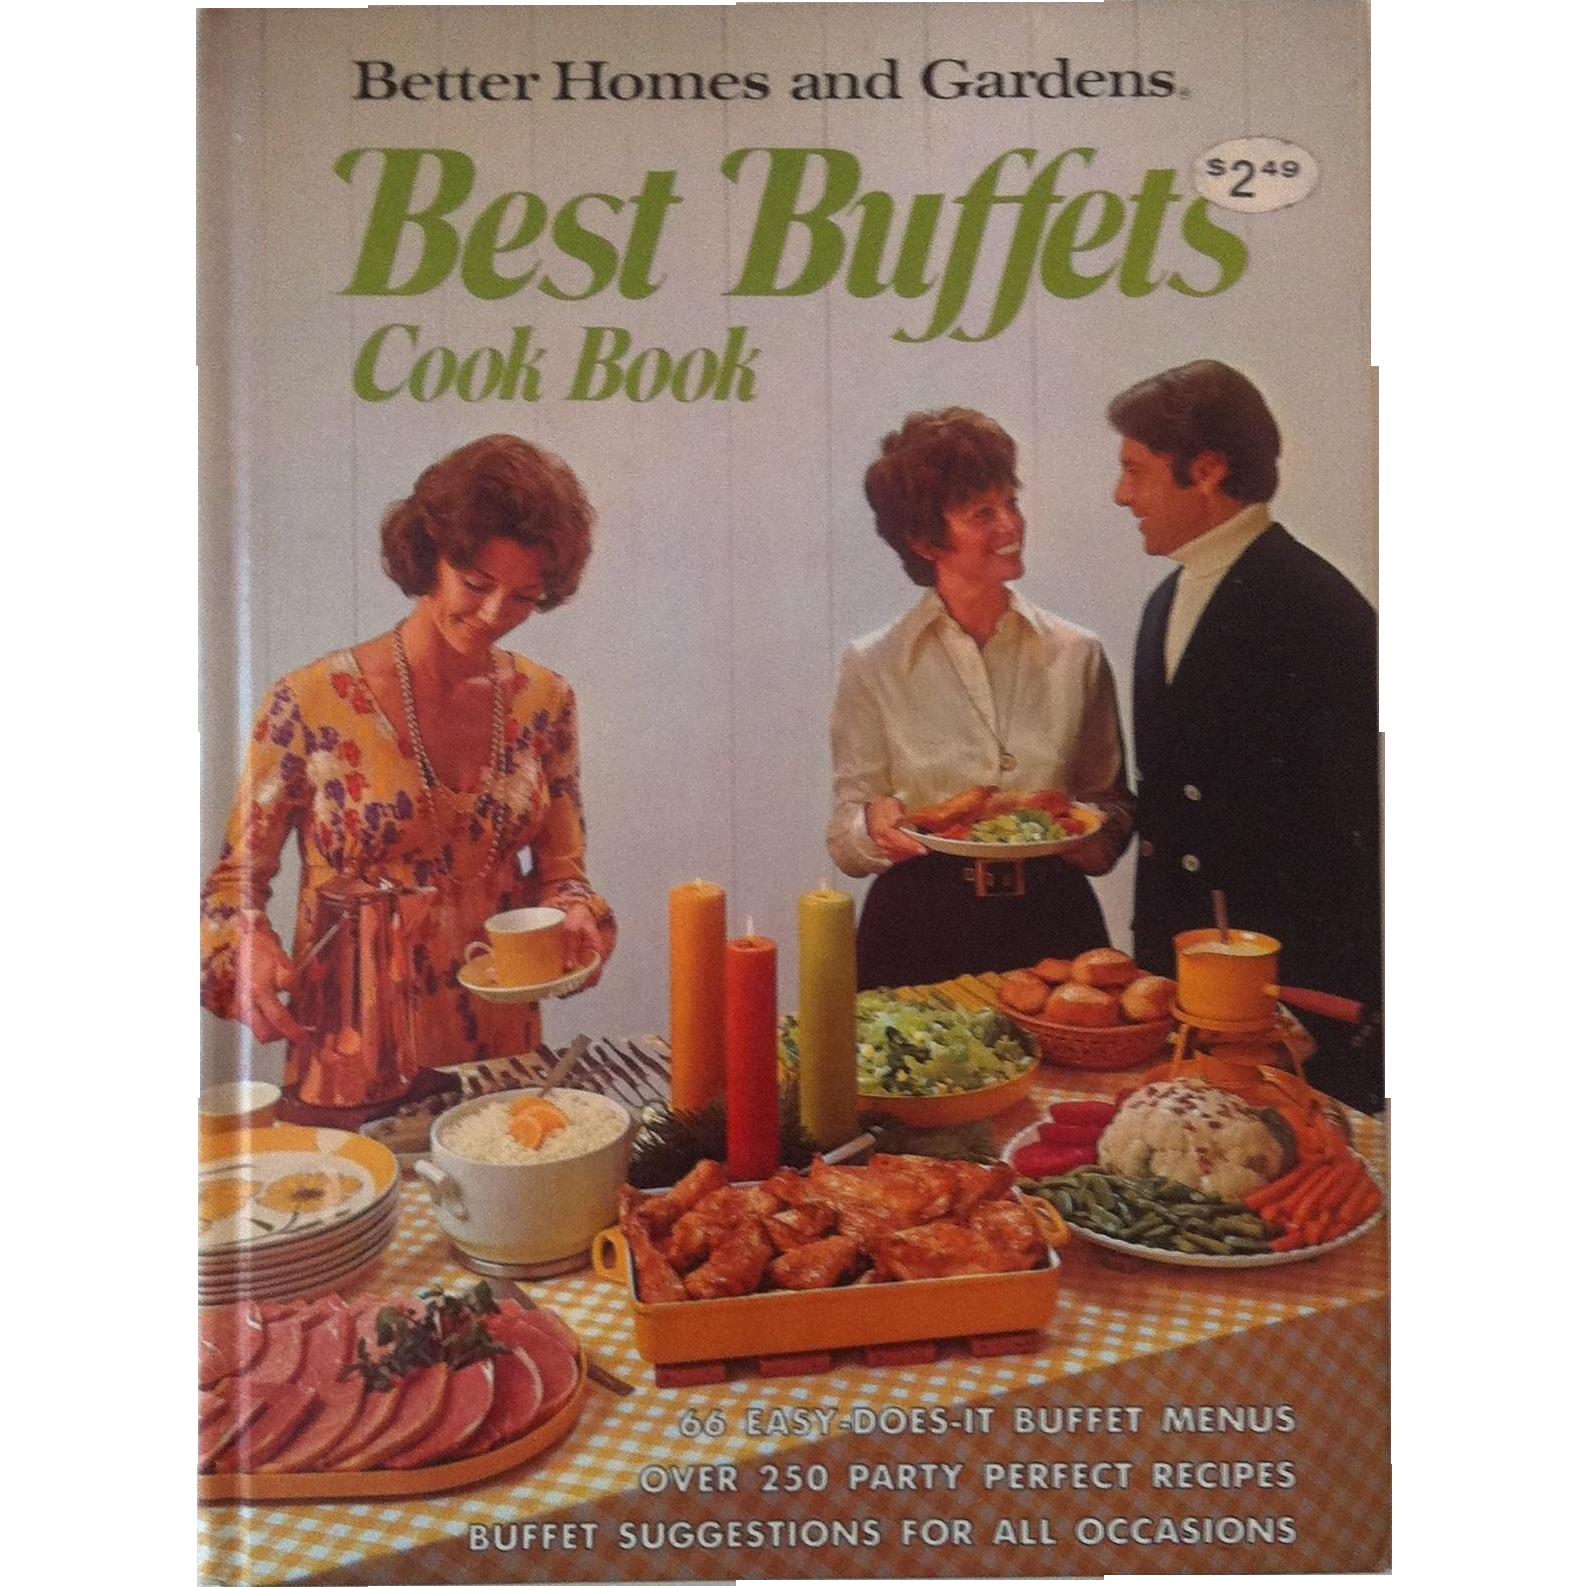 Best Buffets Cook Book ~ Better Homes & Gardens~  1974 First Edition